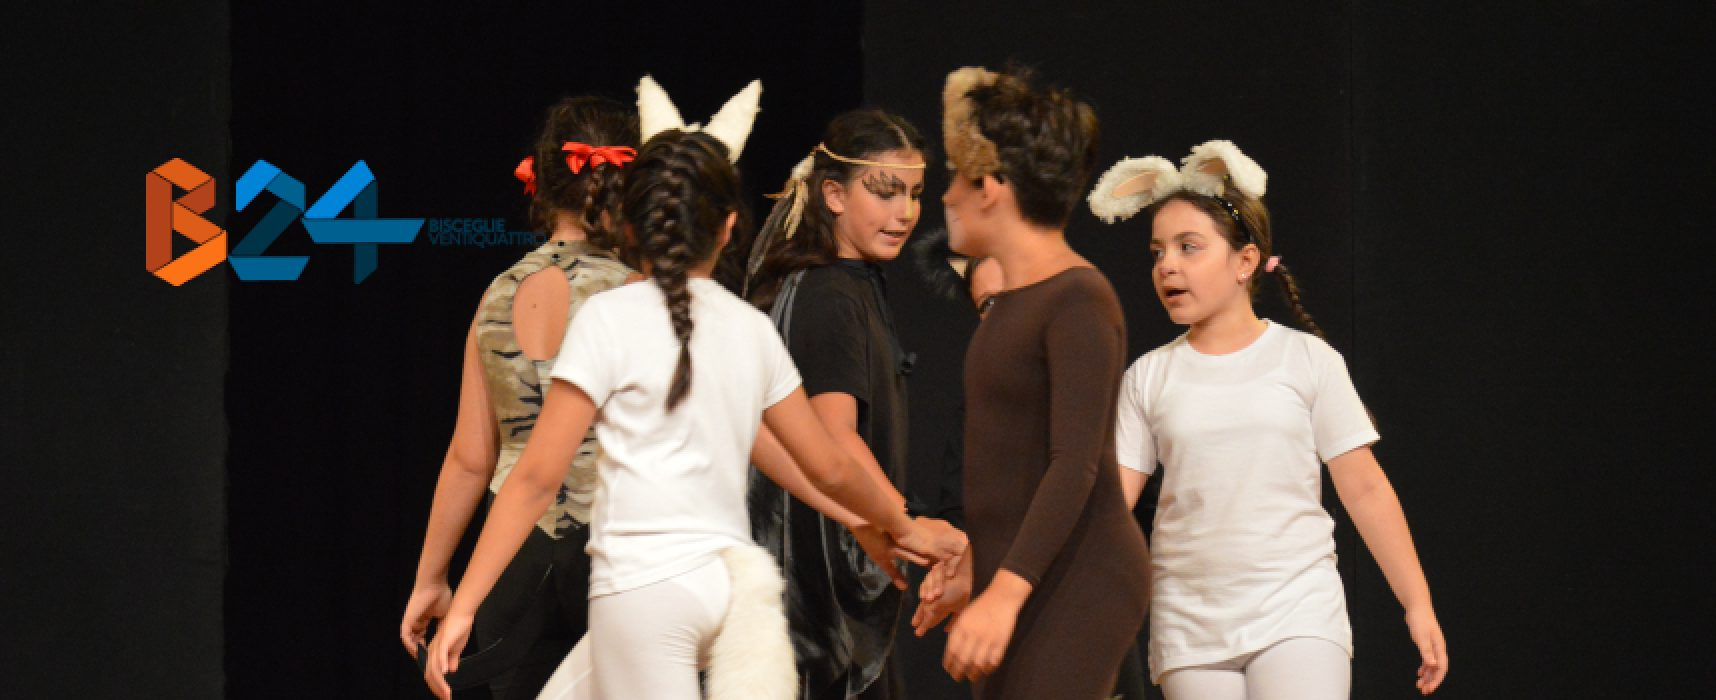 Compagnia dei Teatranti, open day per avvicinare grandi e piccini all'arte scenica